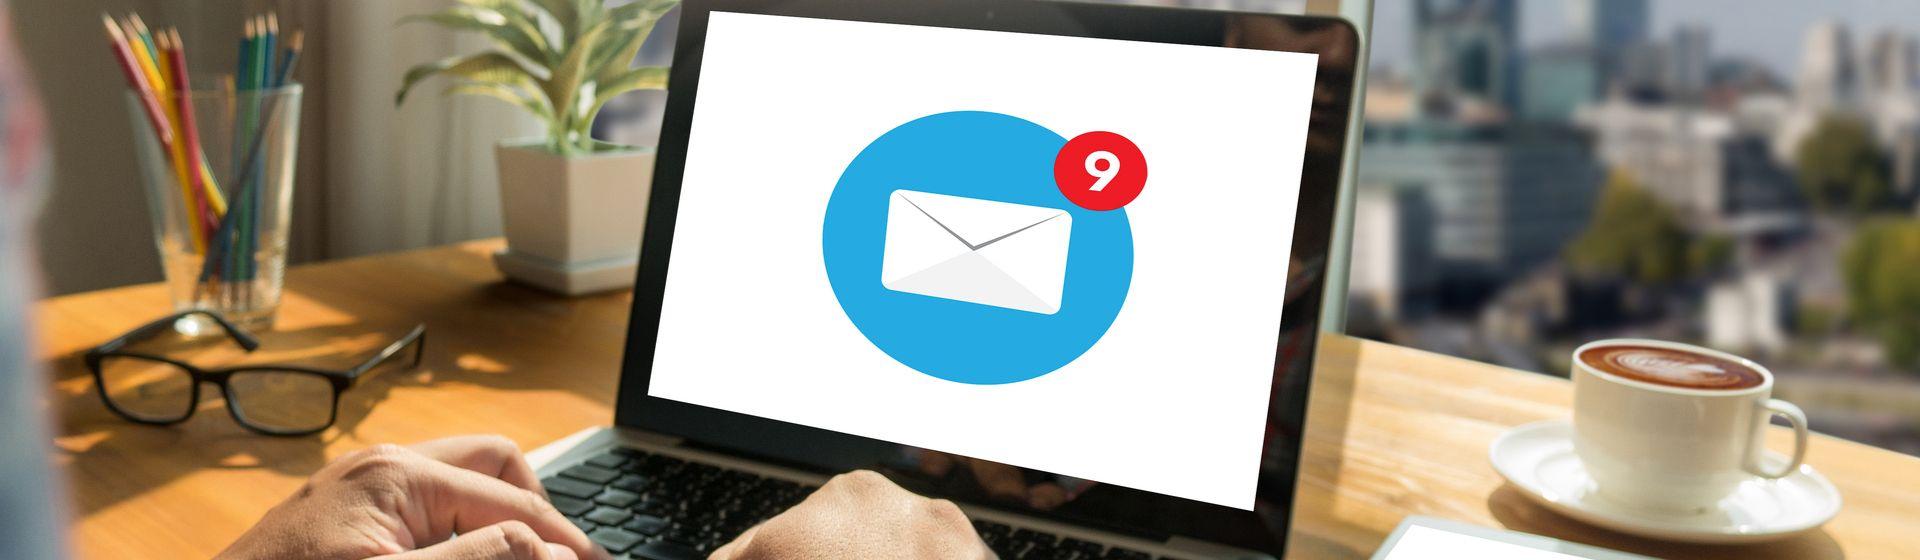 O que é spam e como evitar ser vítima dessa prática na internet